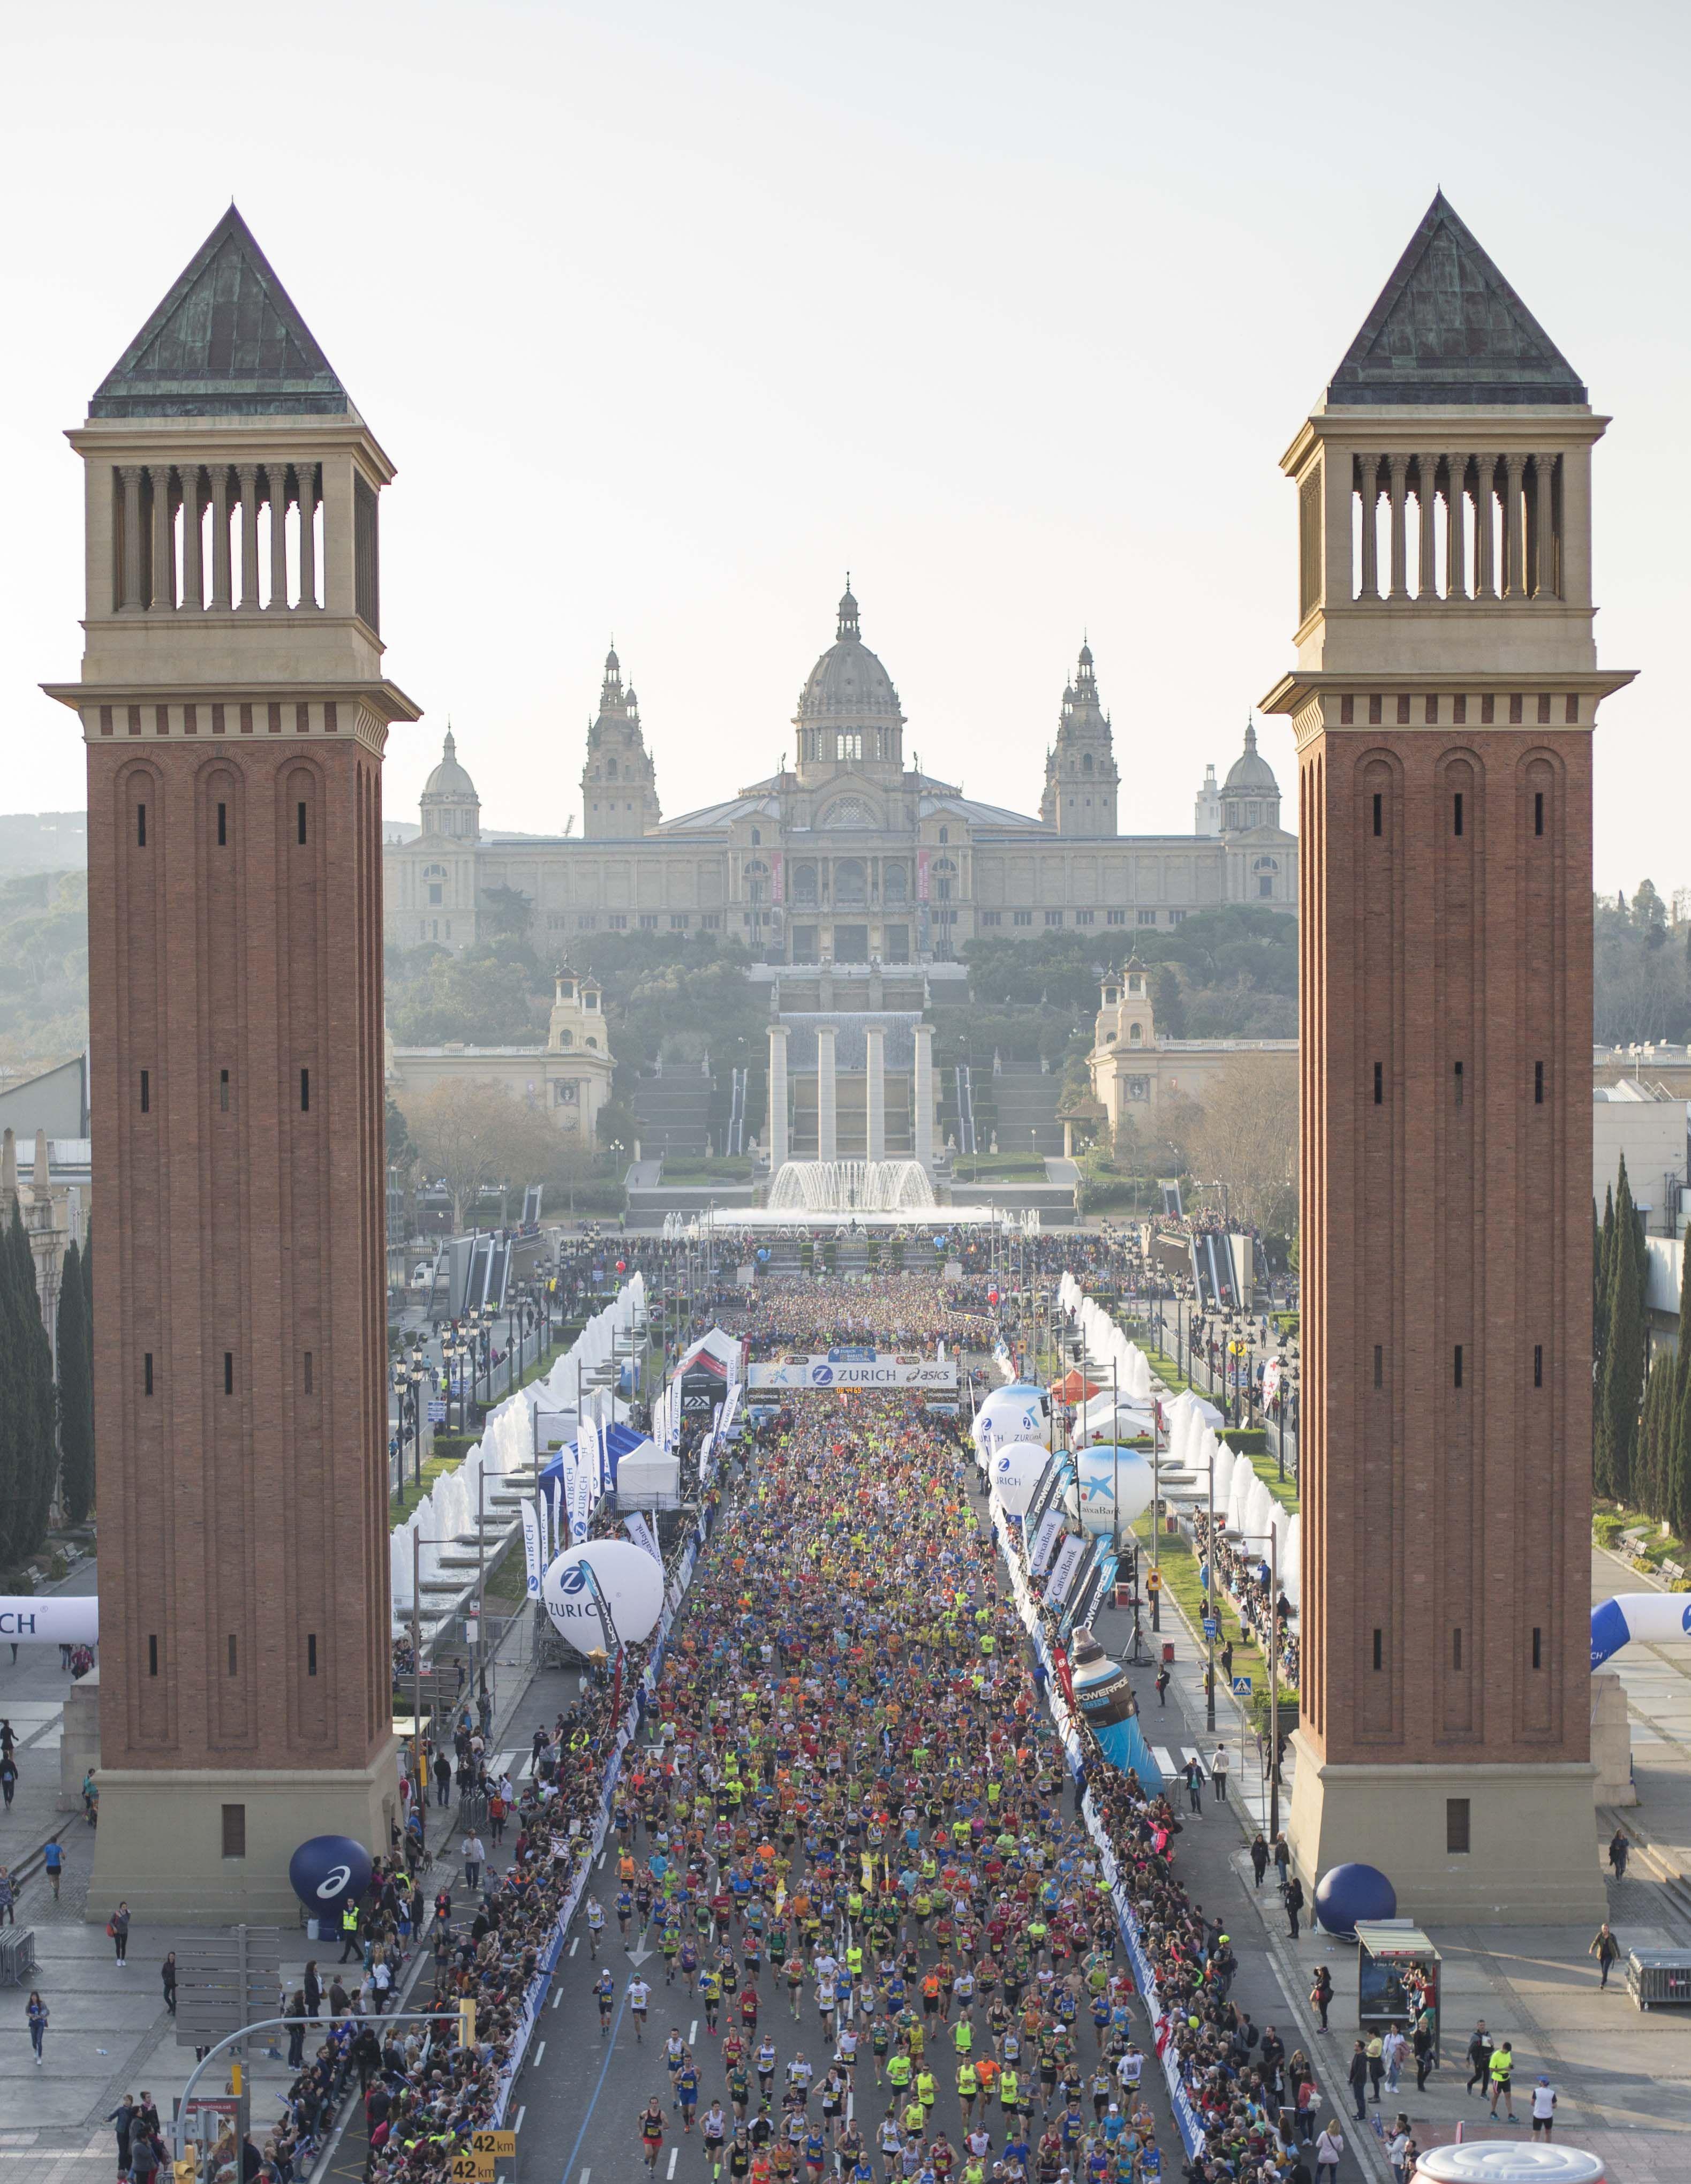 Por segundo año consecutivo la Zurich Marató de Barcelona ha superado la cifra de 20.000 inscritos, en una jornada de fiesta ciudadana y de atletismo.